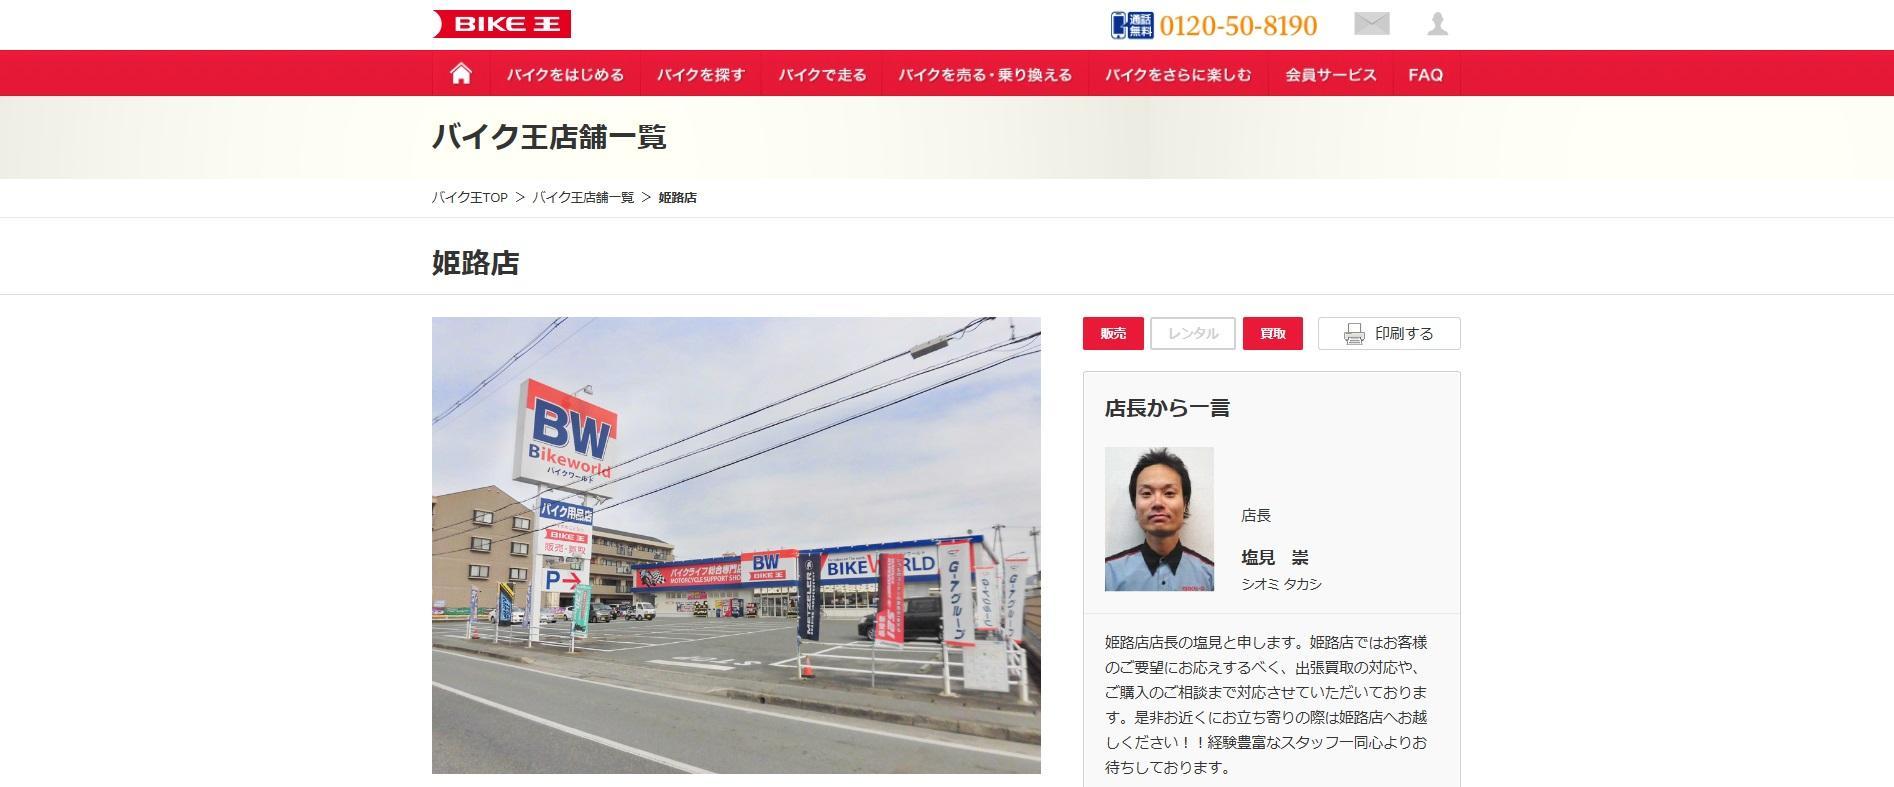 バイク王 姫路店